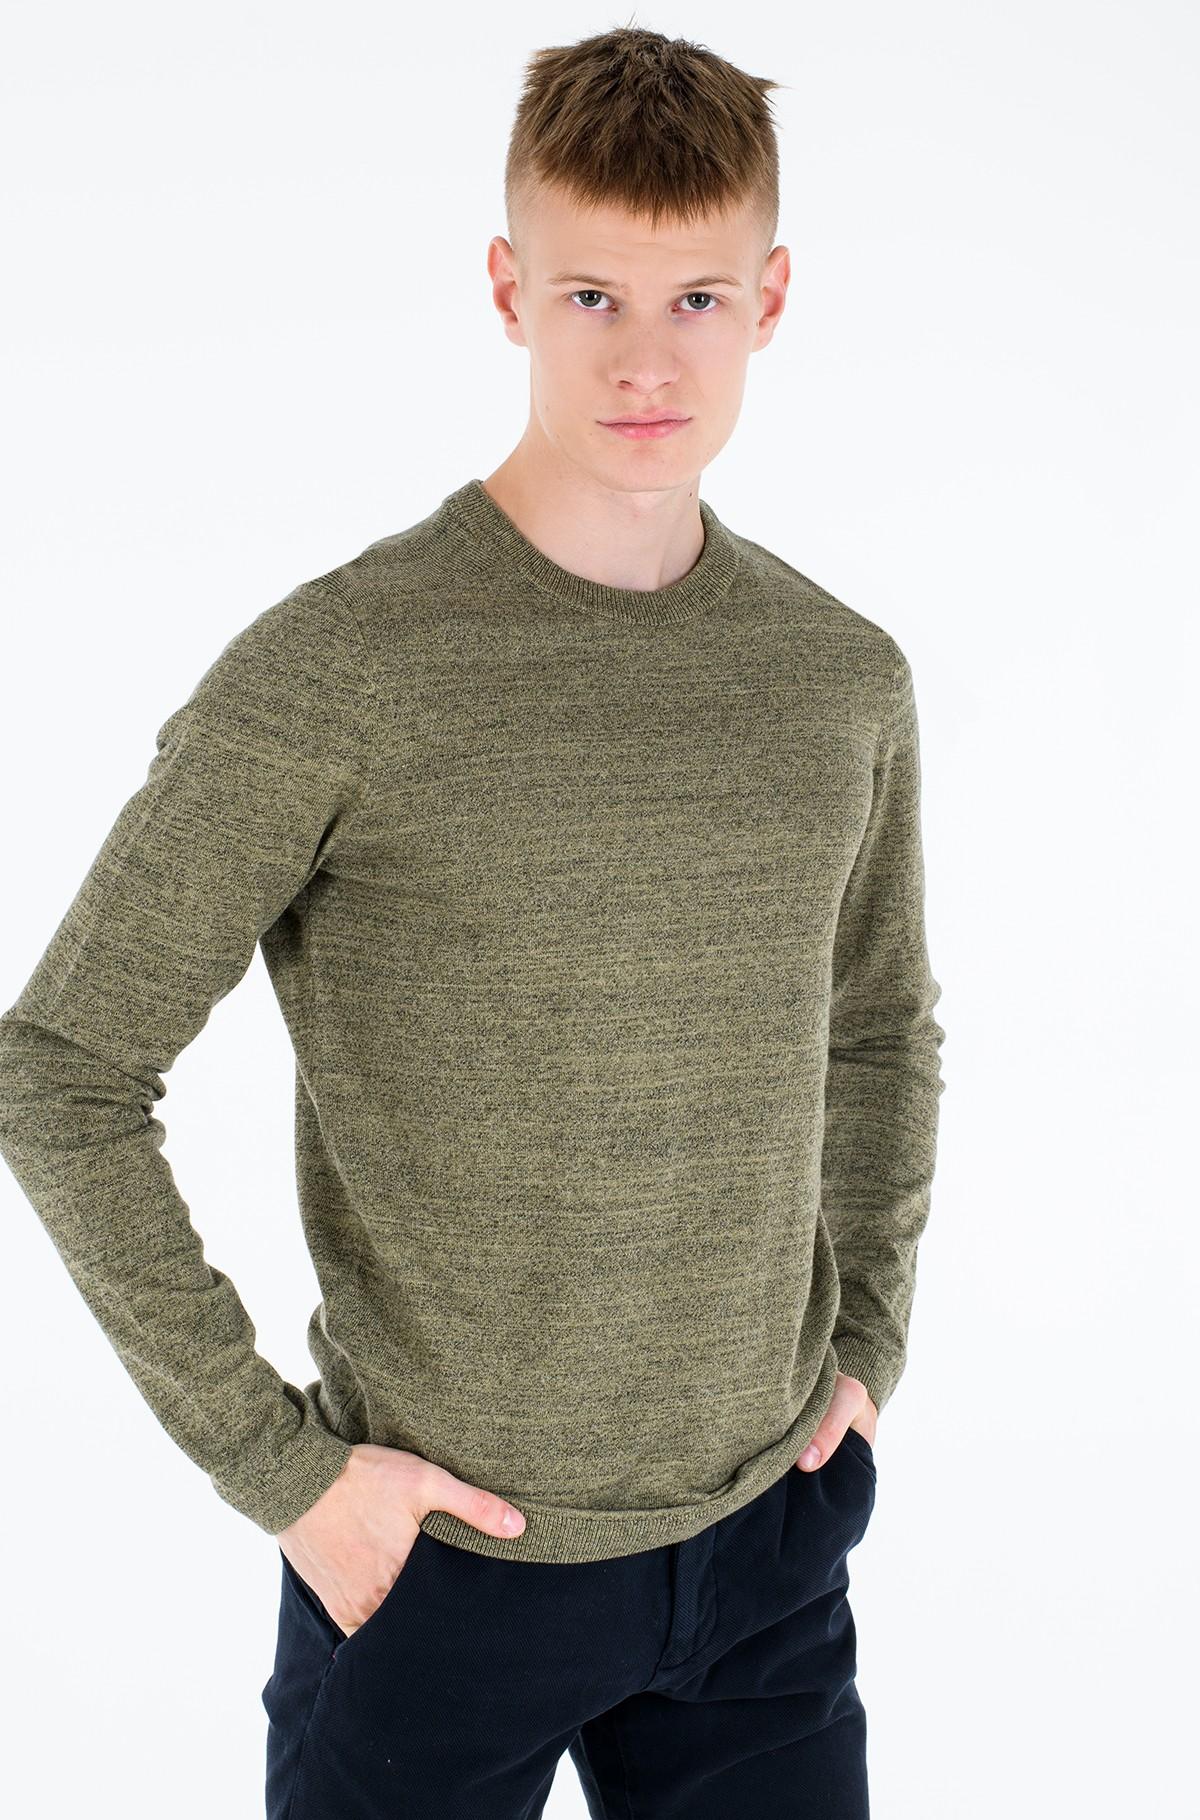 Knitwear 1020349-full-1